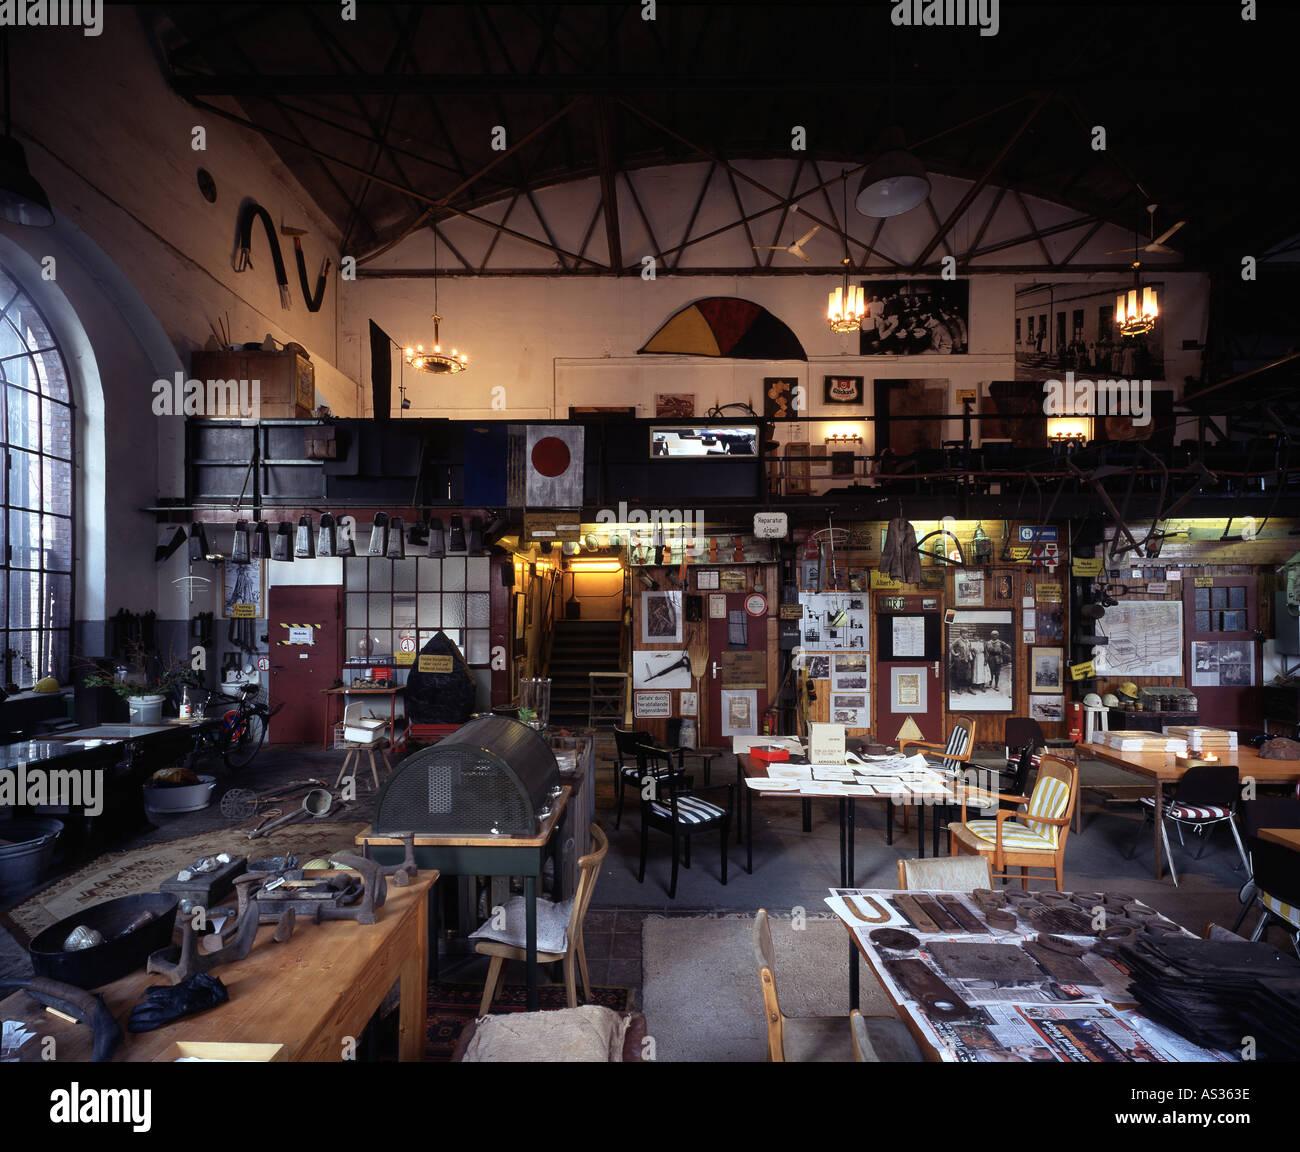 Essen, Zeche Zollverein, Kunstschacht, Atelier Thomas Rother - Stock Image